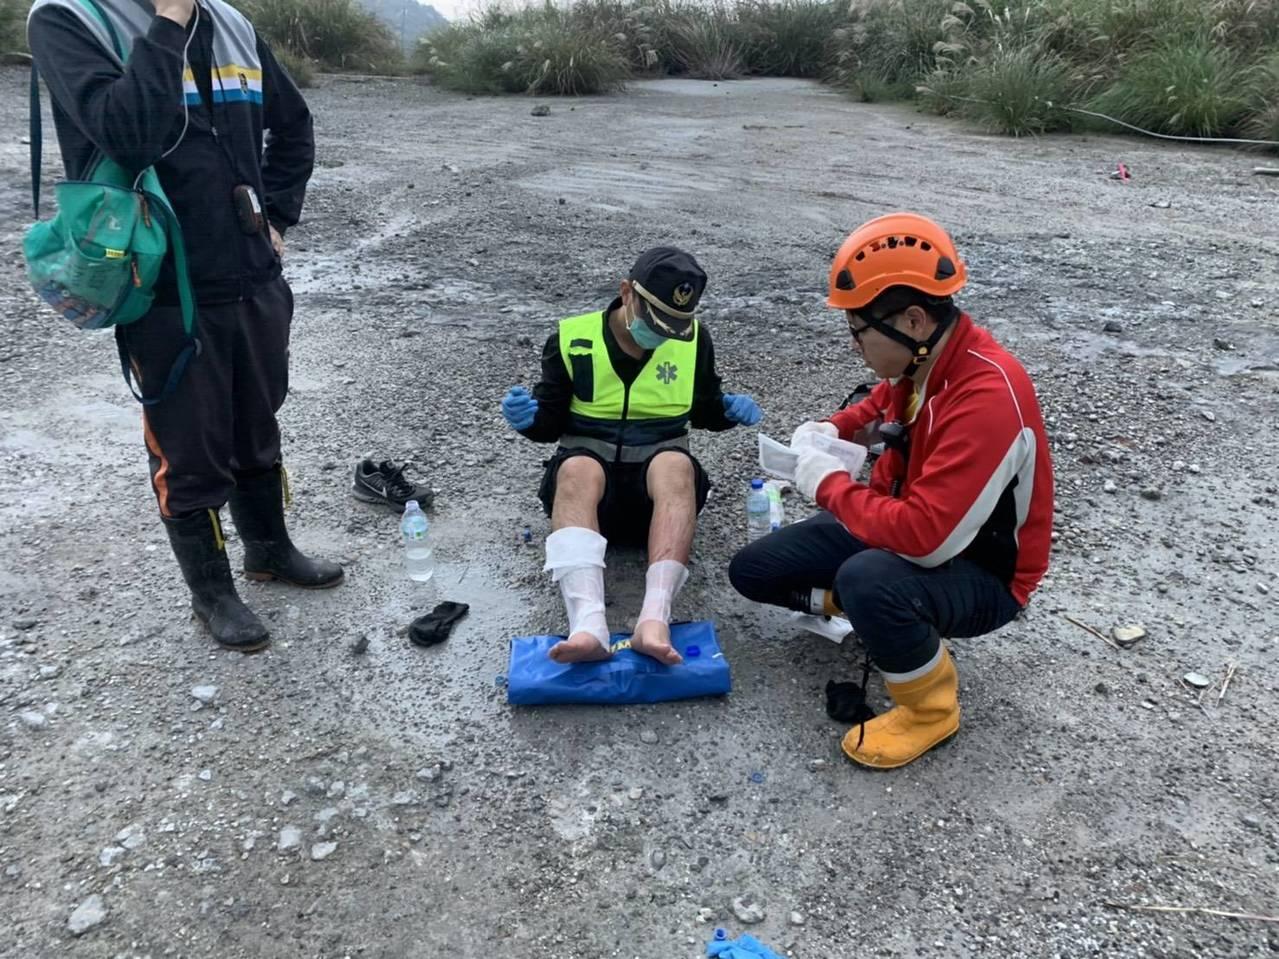 新北市消隊人員出勤到溫泉區救護時,雙腳陷入鬆軟泥地燙傷,自行用燙傷急救包急救,等...